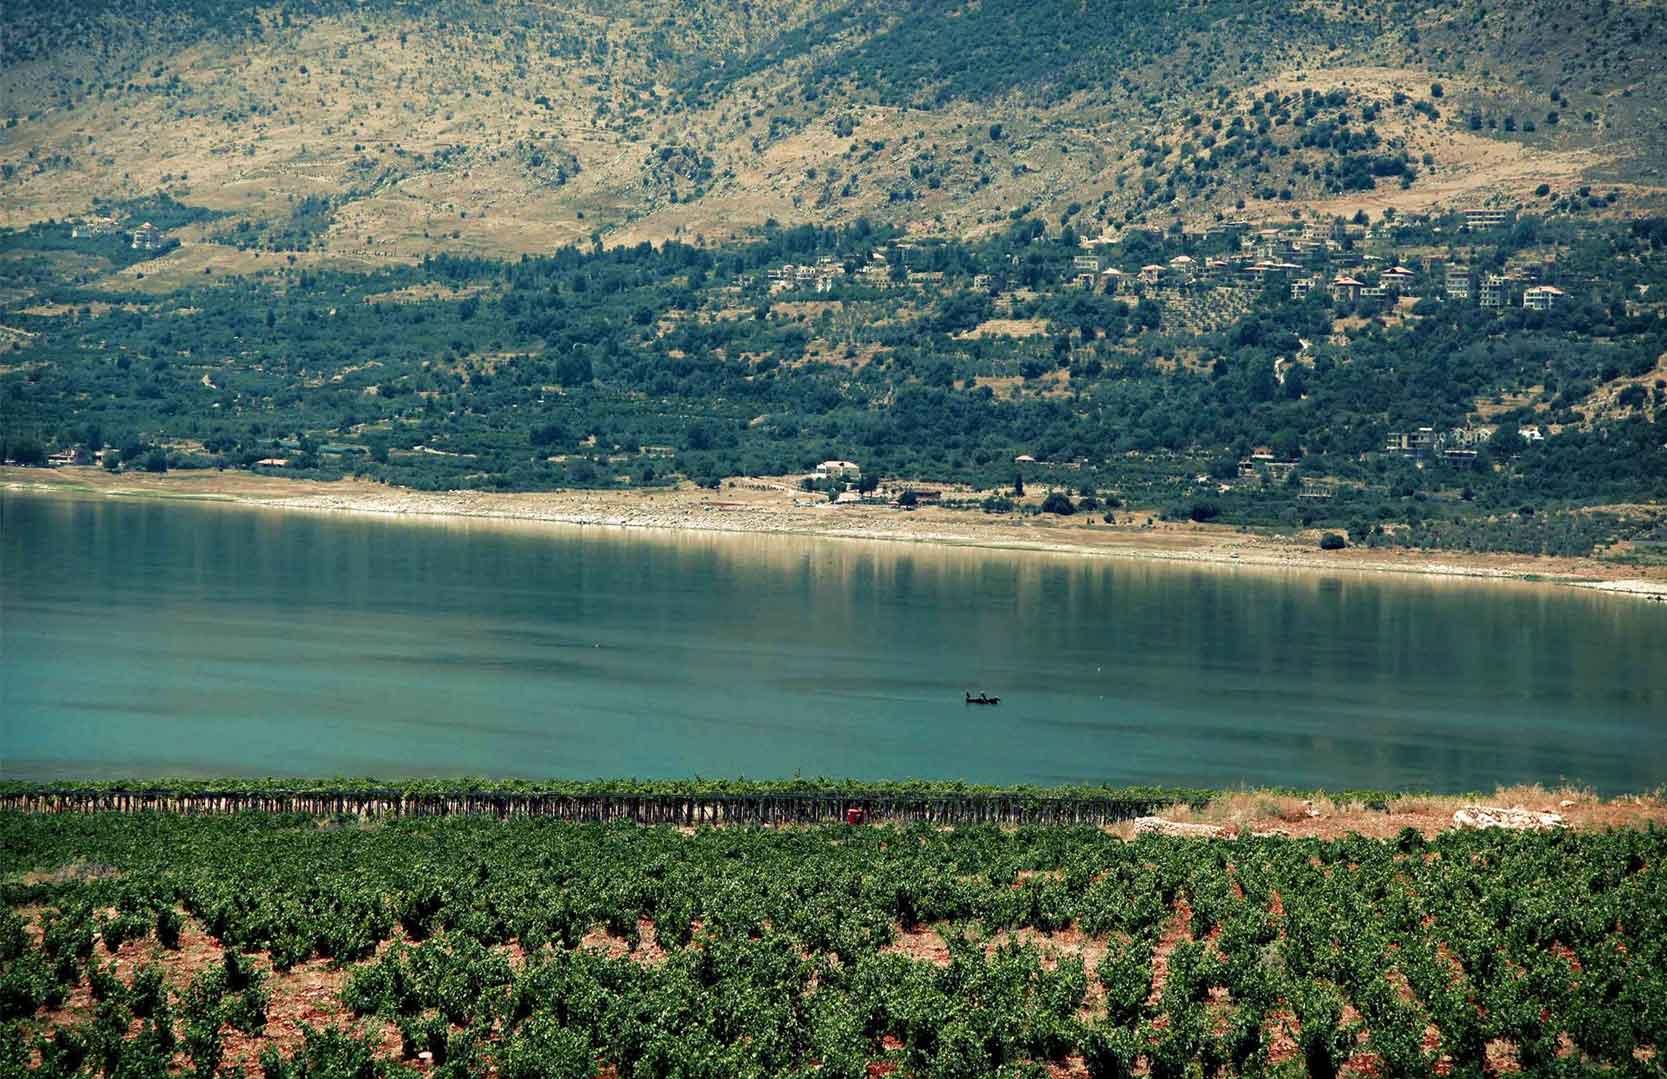 Lake Qauroun von Latourba